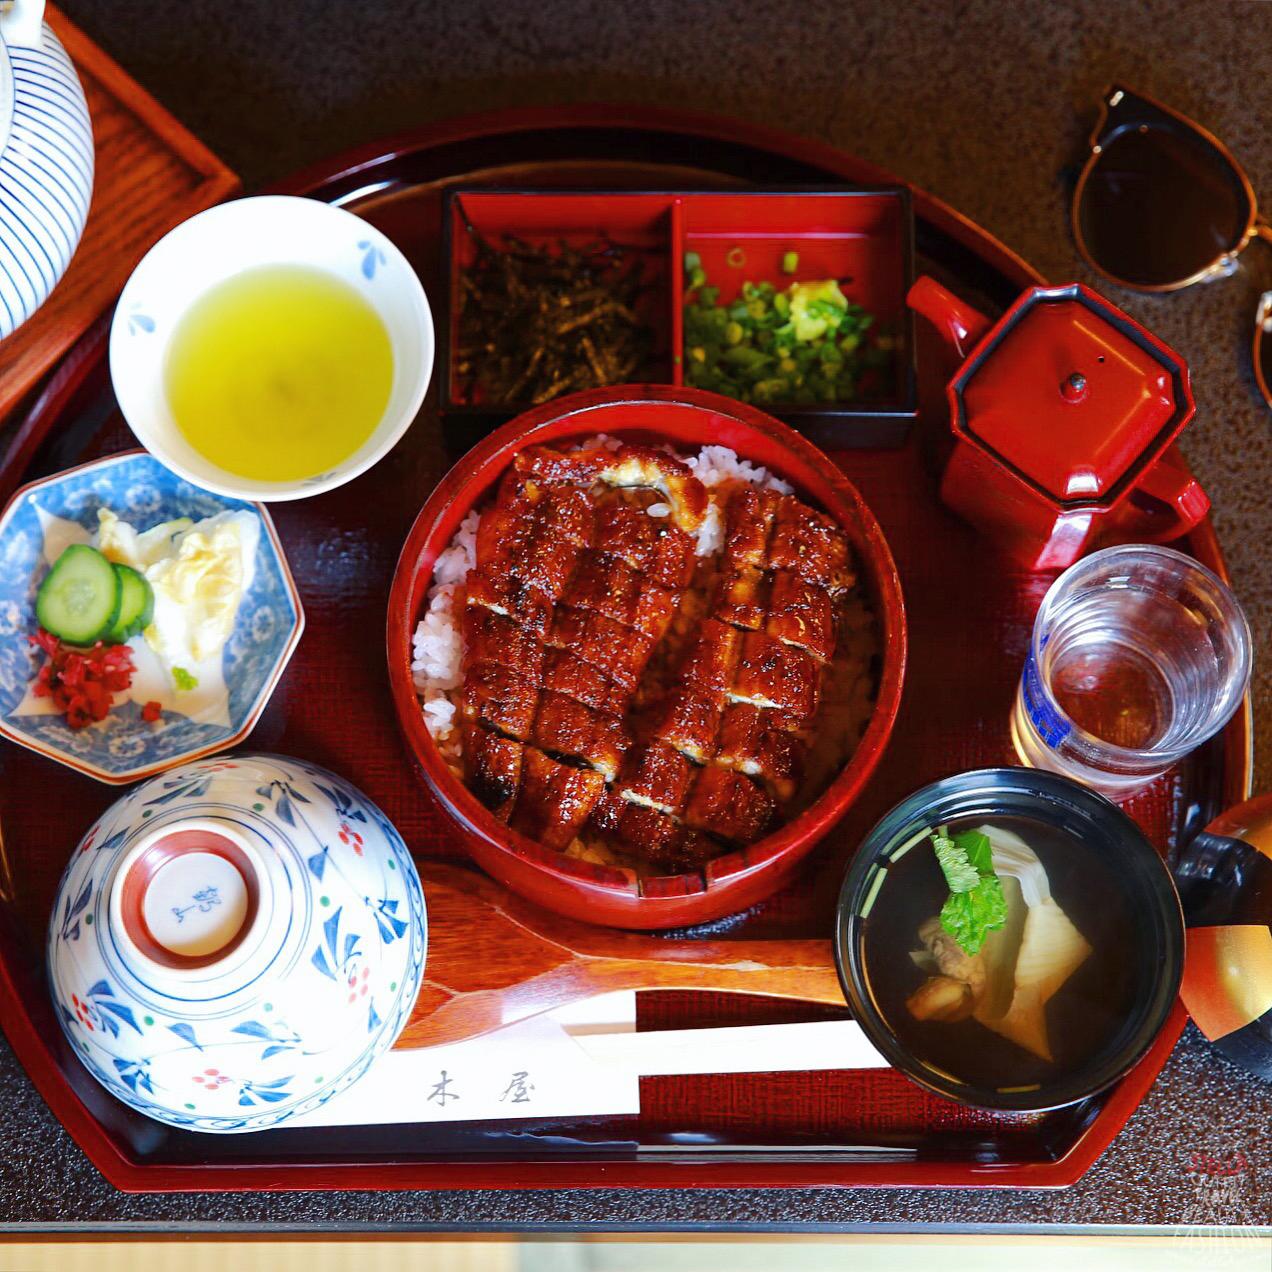 【名古屋】必吃鰻魚飯三吃。當地人最愛的百年名店「鰻木屋」,一天只賣3.5小時喔